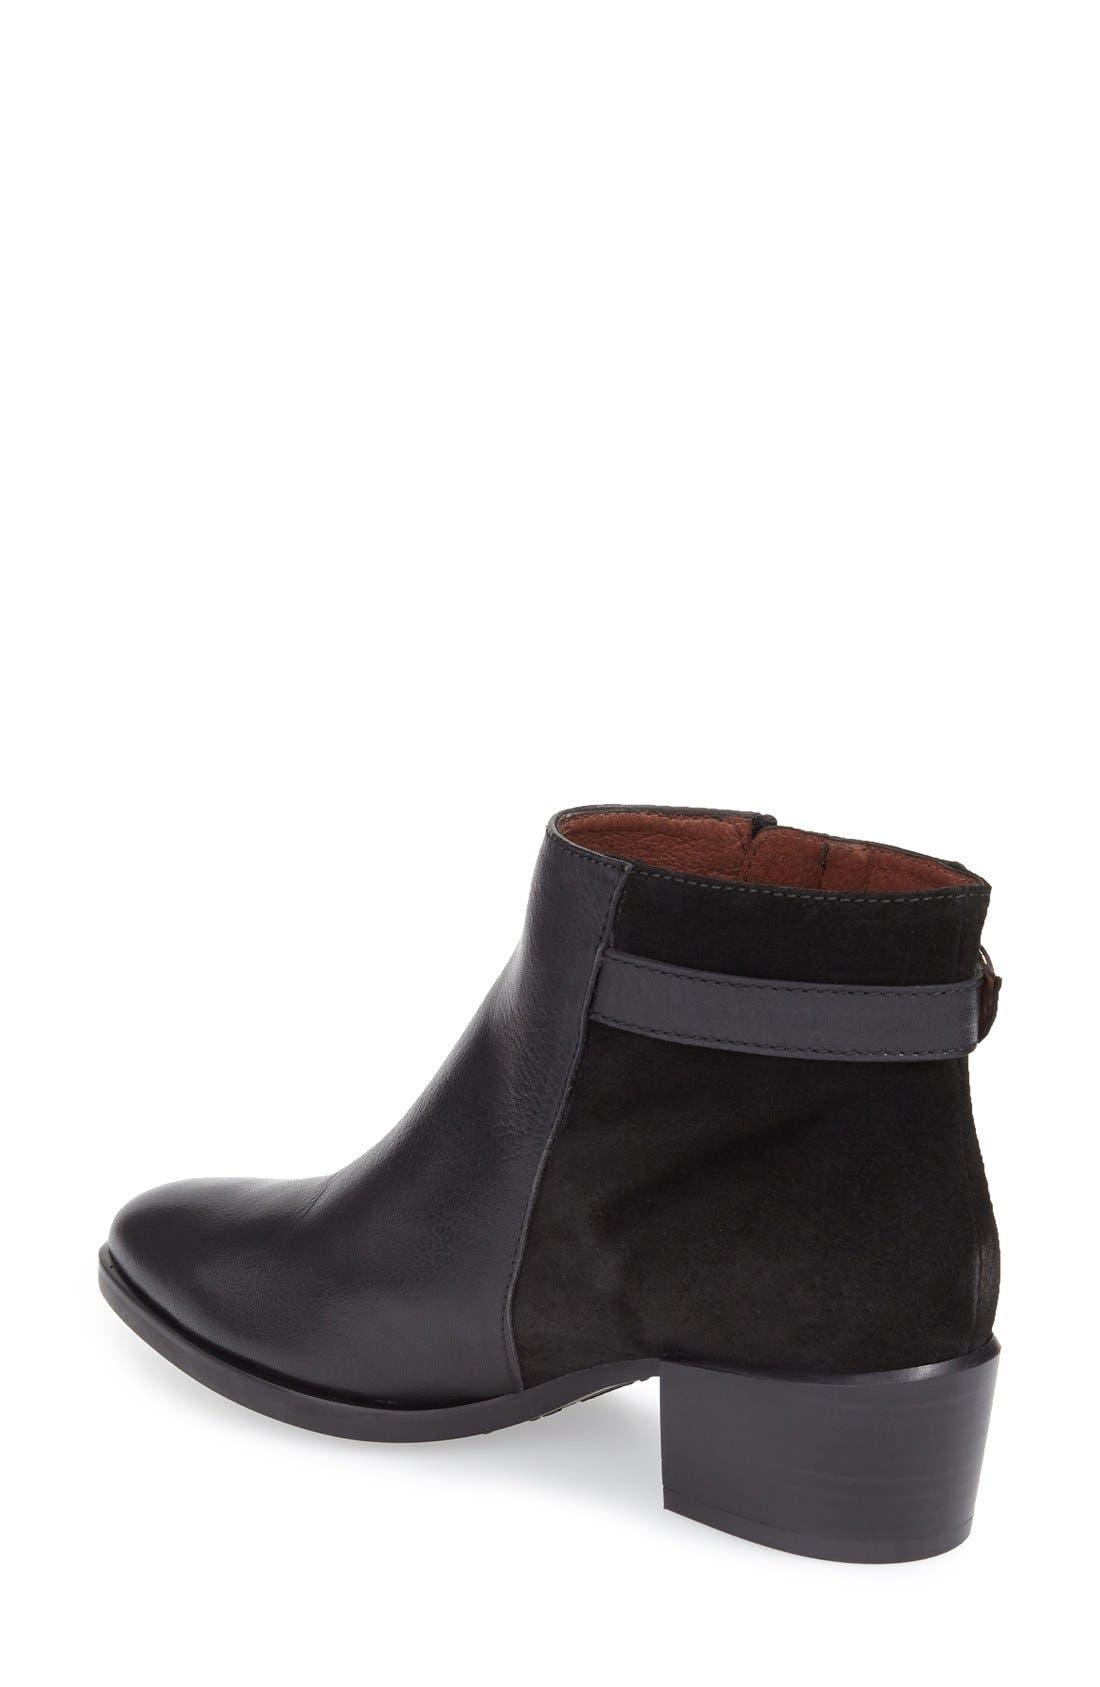 Lakisha Block Heel Bootie,                             Alternate thumbnail 2, color,                             Black Leather